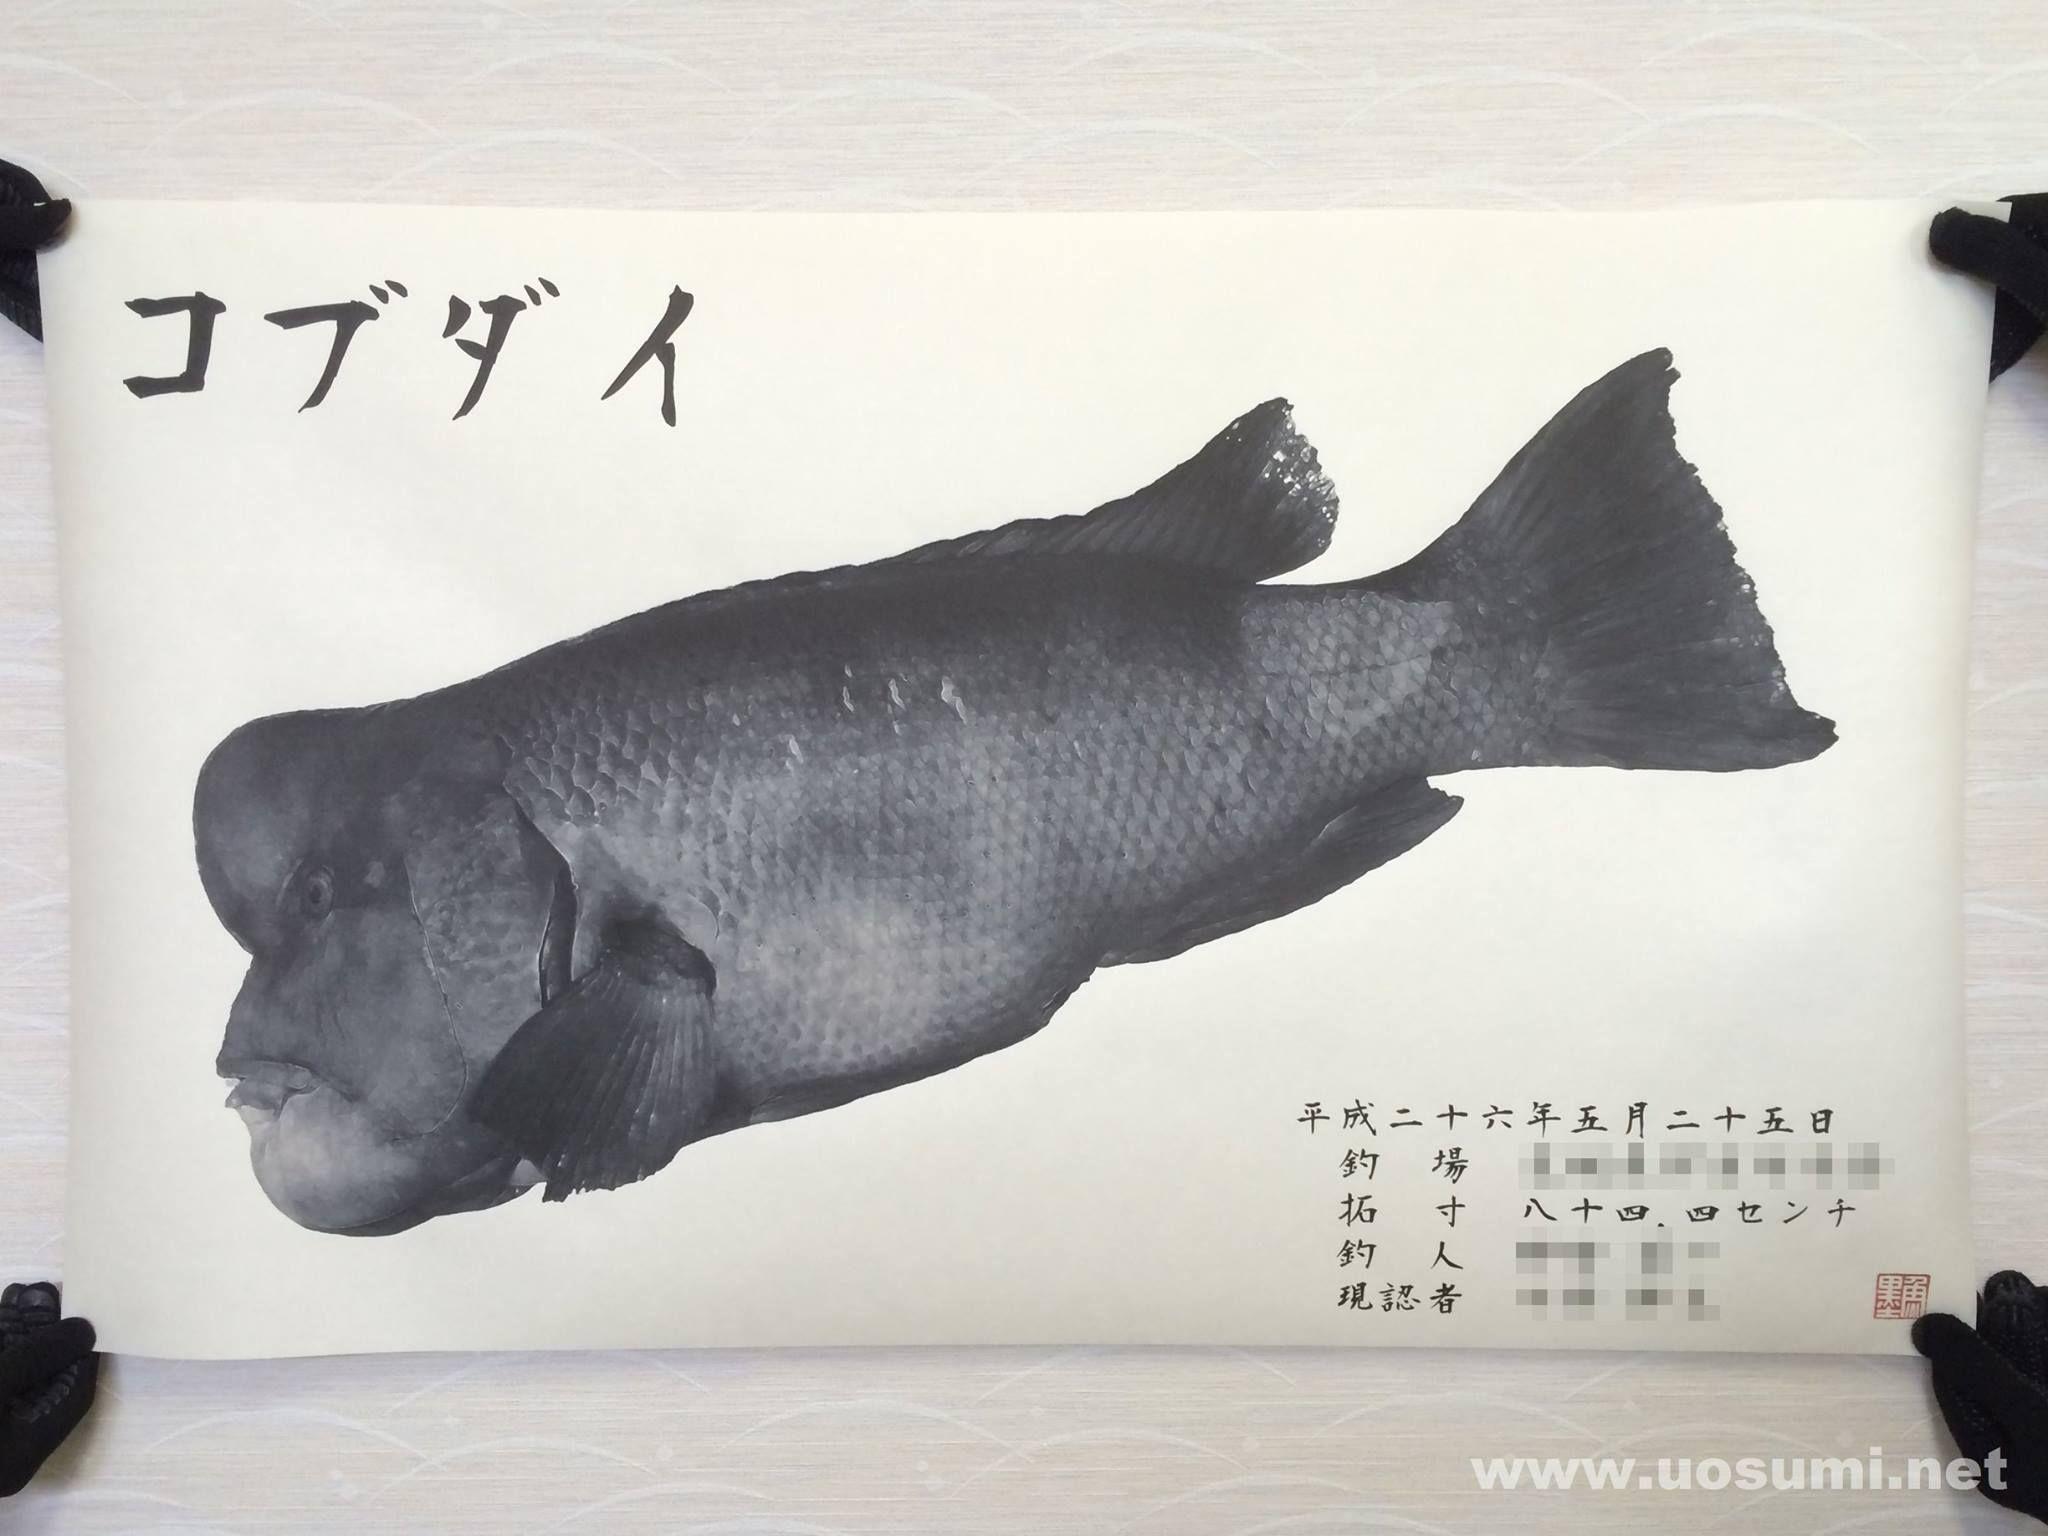 デジタル魚拓サービス 魚墨で作成したコブダイの墨魚拓です。  It is a sumi fish print of a asian sheepshead wrasse. www.uosumi.net/